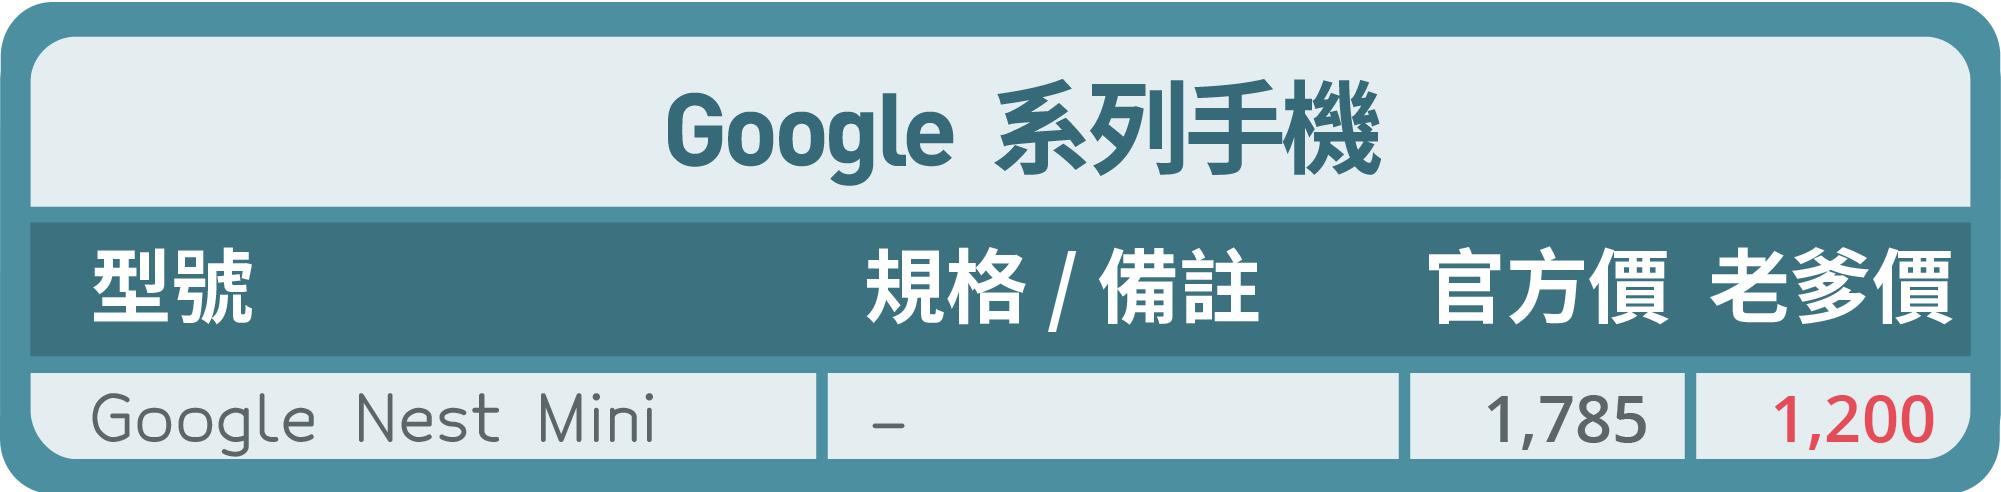 google手機優惠-台中買手機